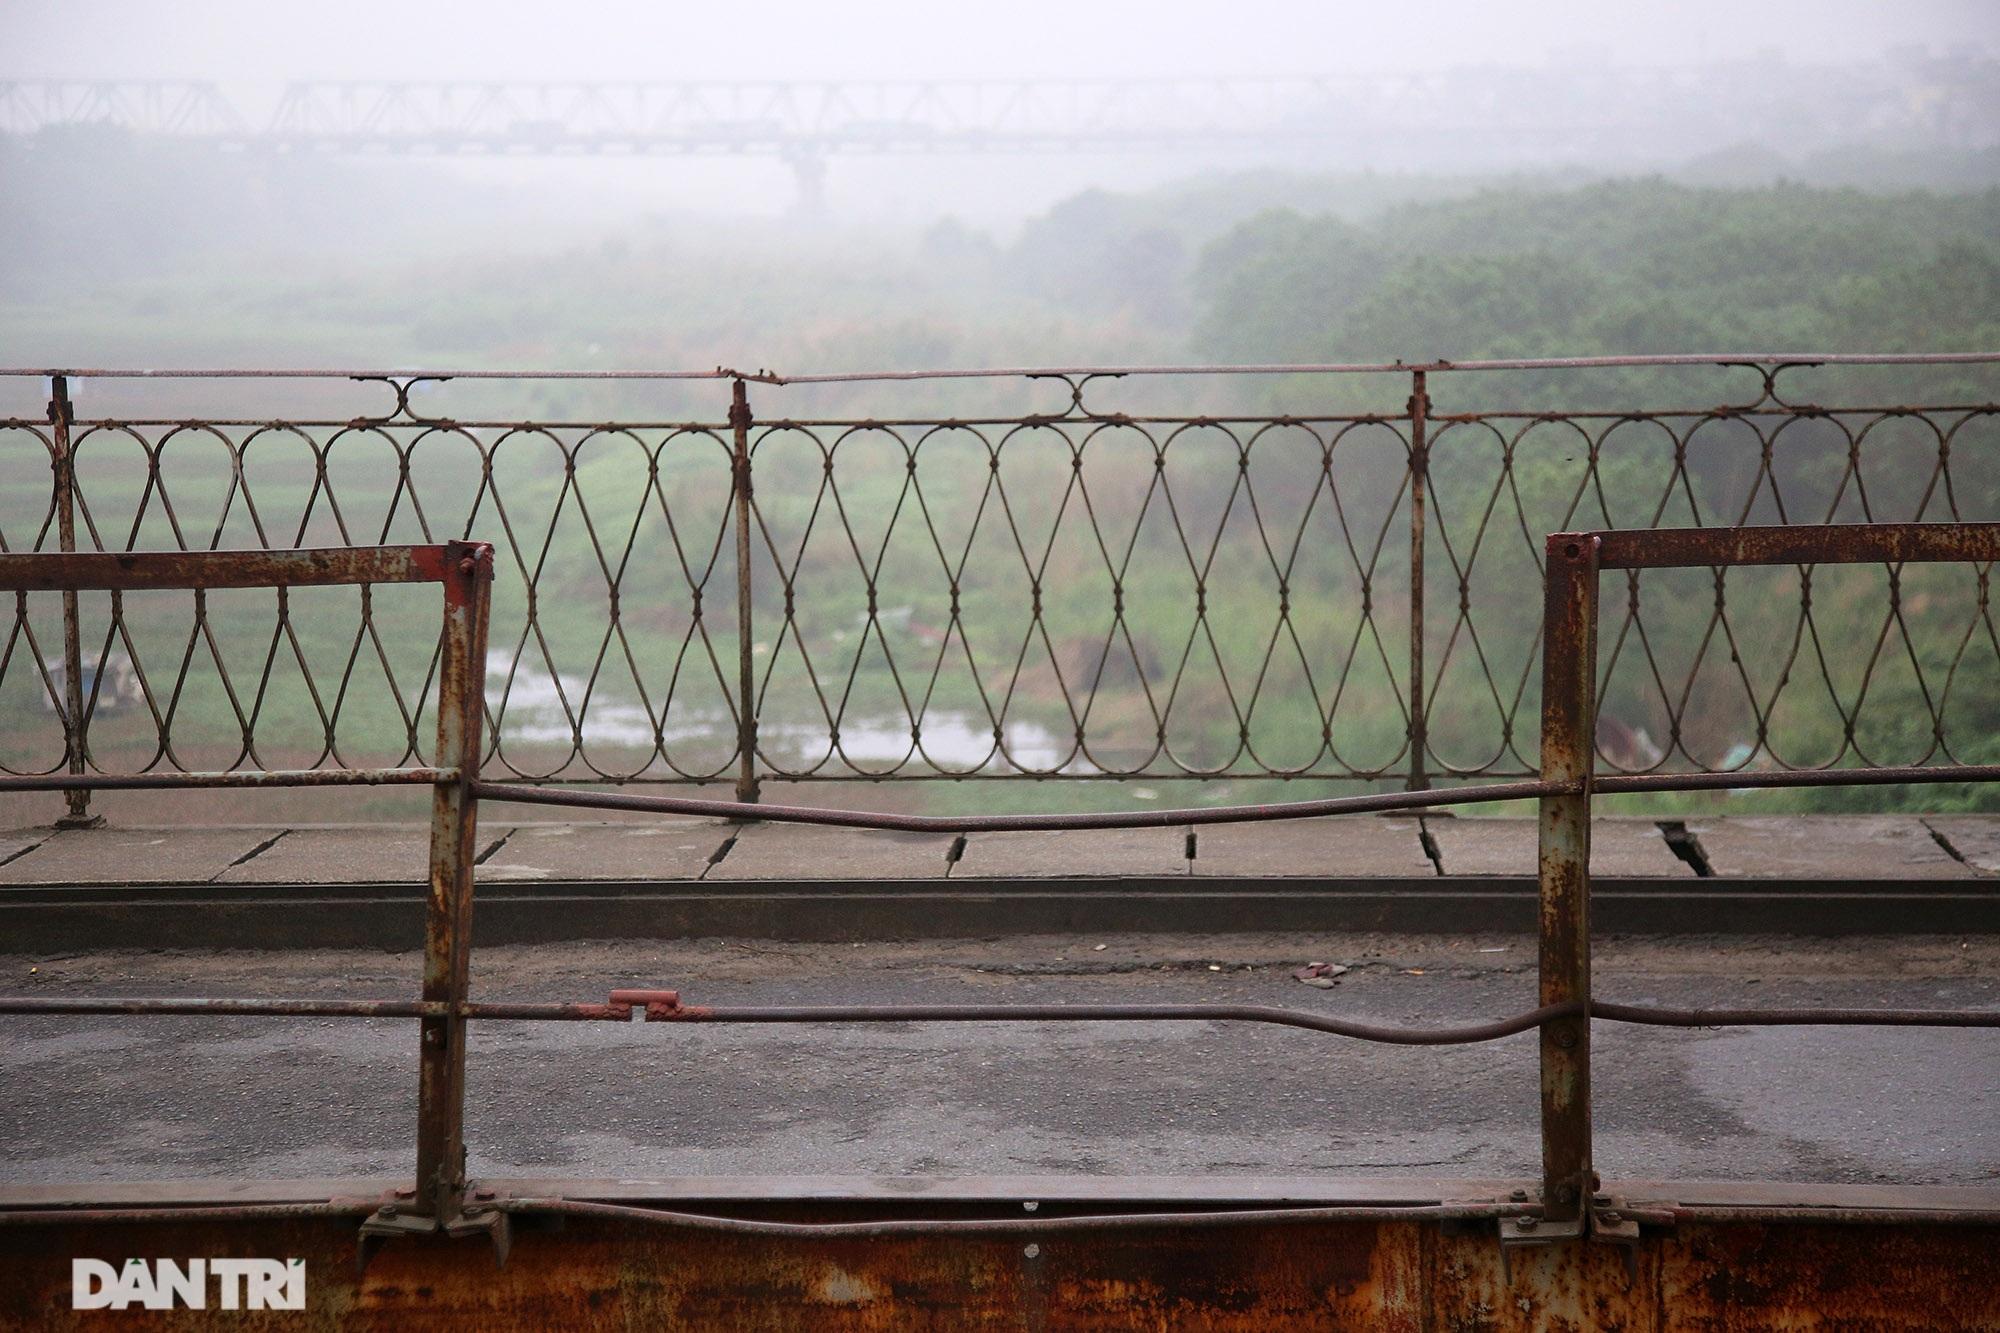 Cầu Long Biên như bị bỏ rơi, gỉ sét xuống cấp nghiêm trọng - 4